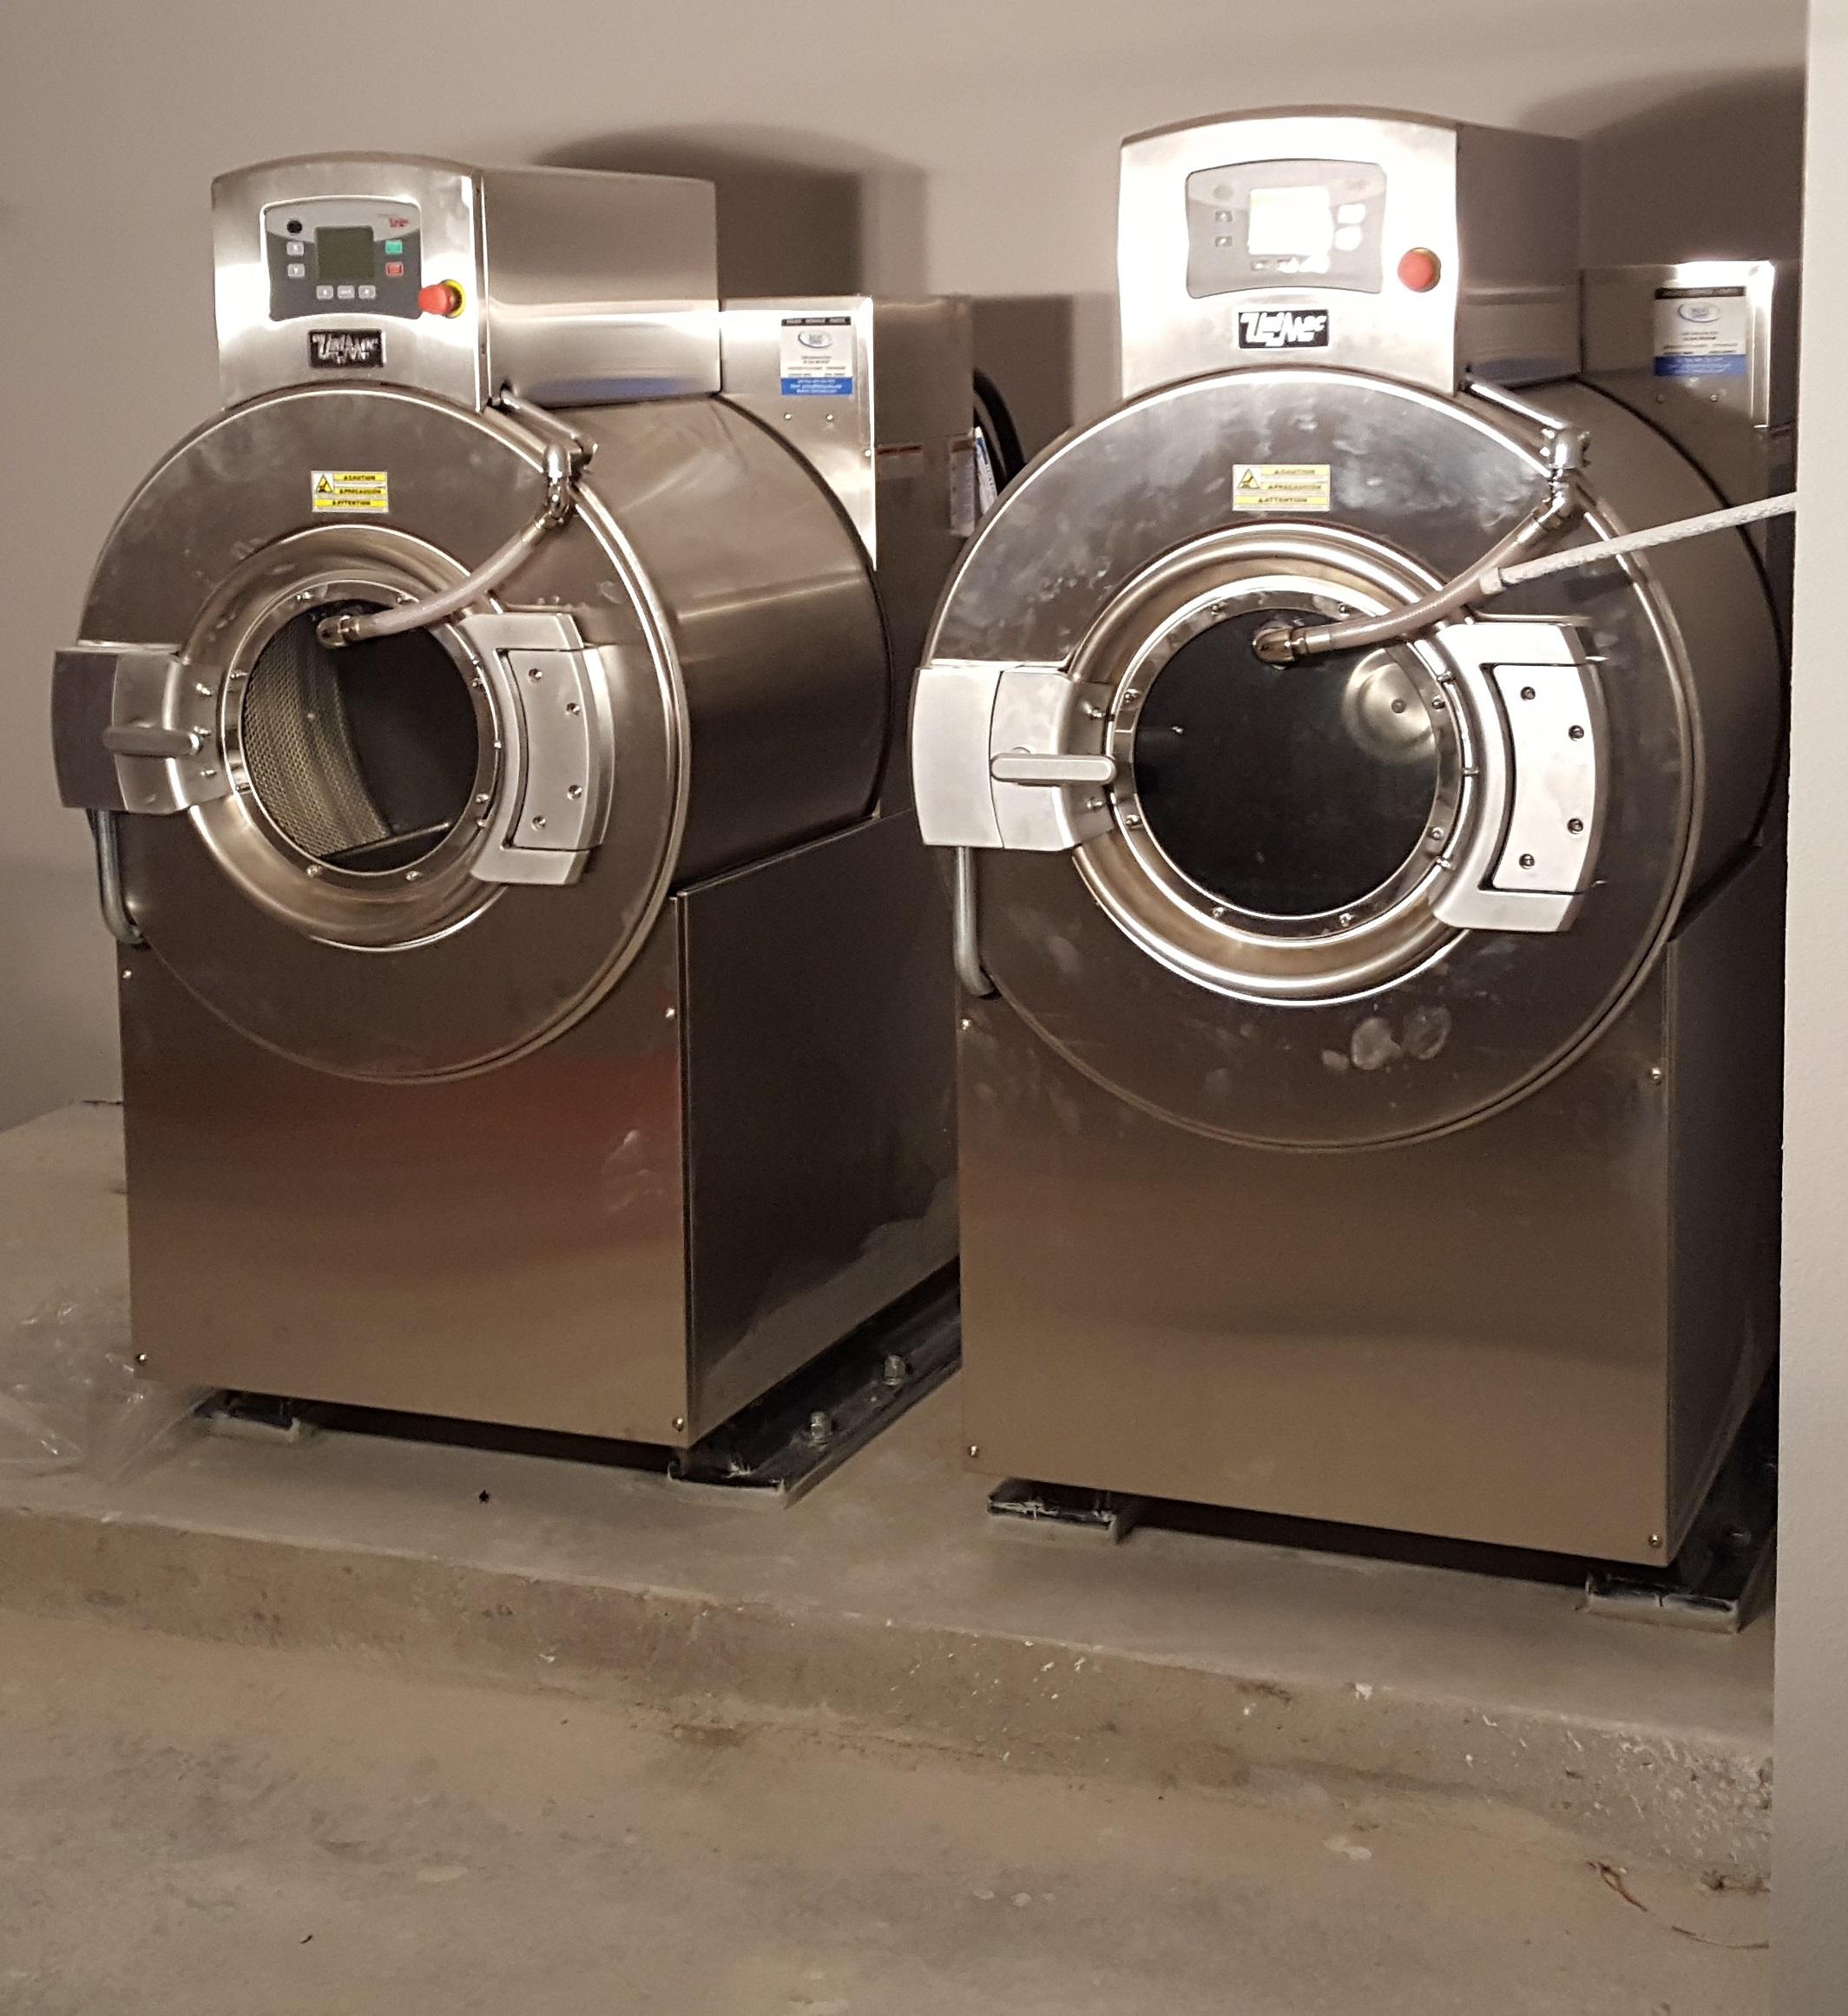 unimac-washers